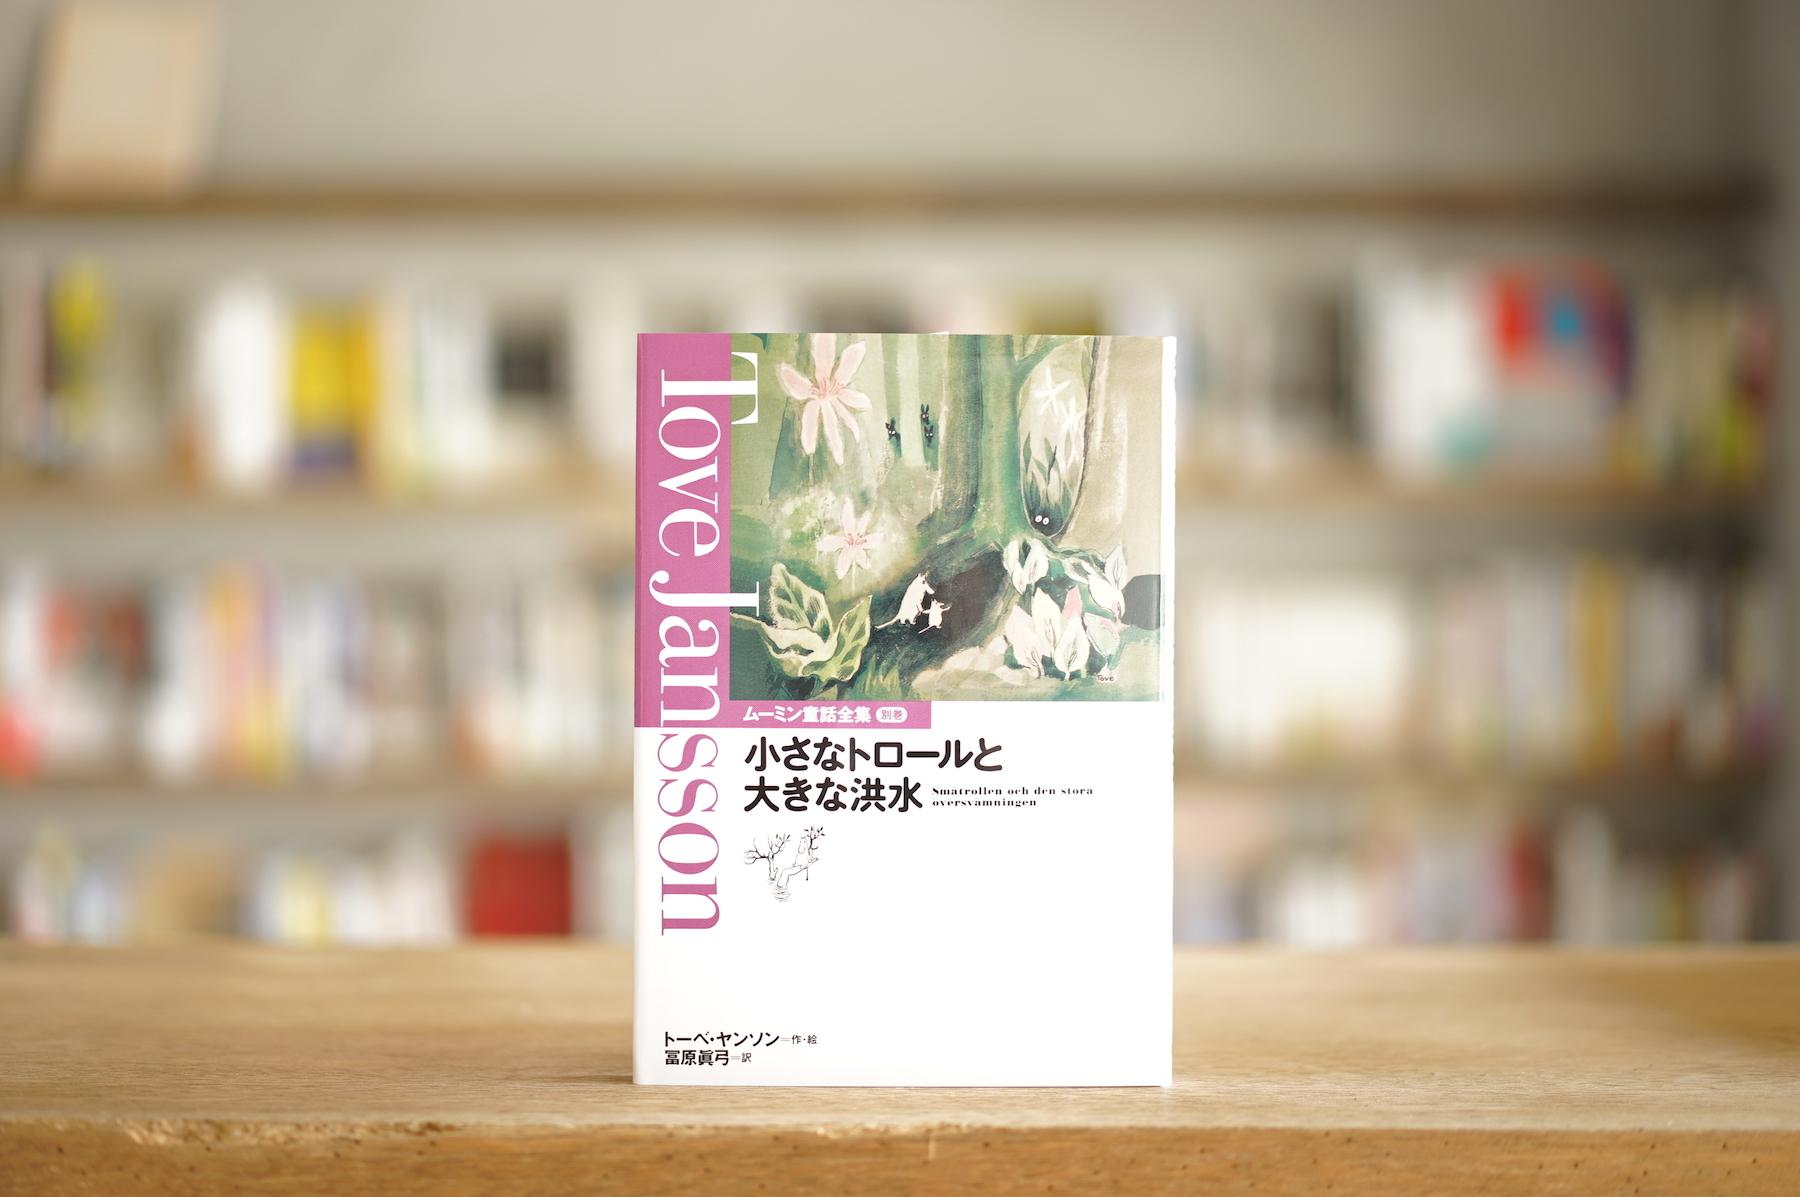 トーベ・ヤンソン 訳:冨原眞弓 『小さなトロールと大きな洪水』 (講談社、1992)